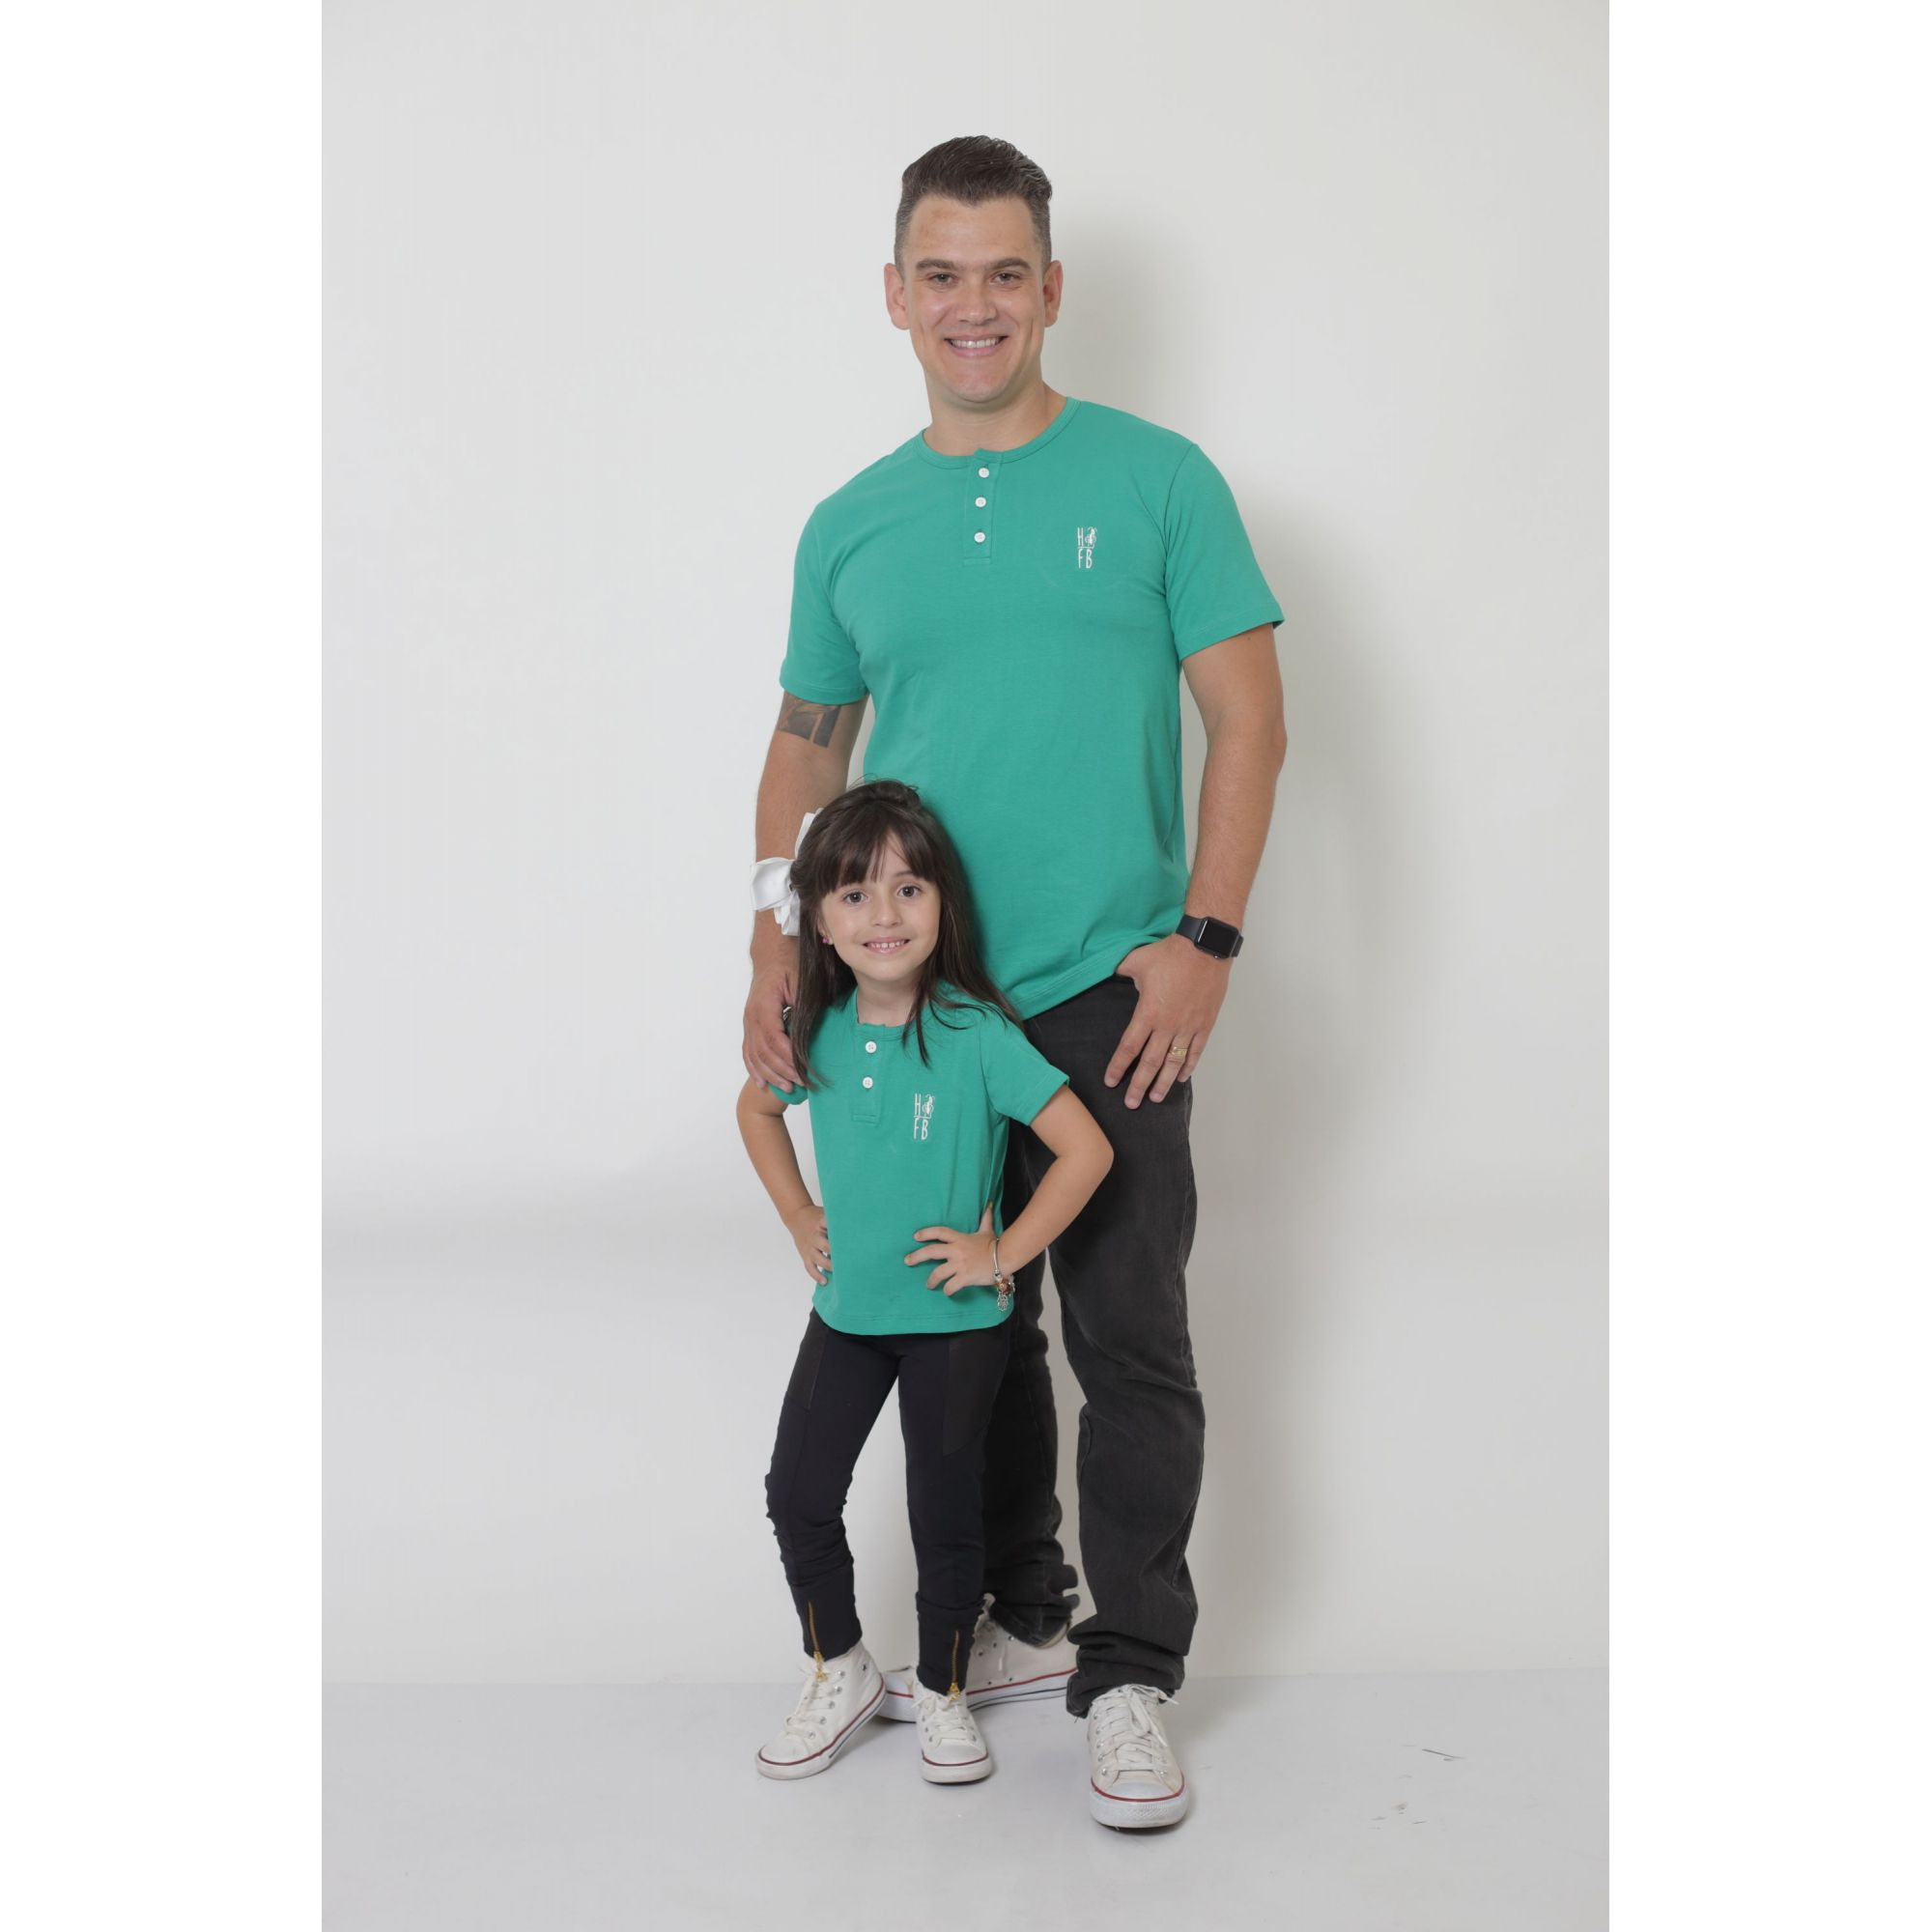 PAI E FILHO > 02 T-Shirts ou Body Henley - Verde Jade  [Coleção Tal Pai Tal Filho]  - Heitor Fashion Brazil